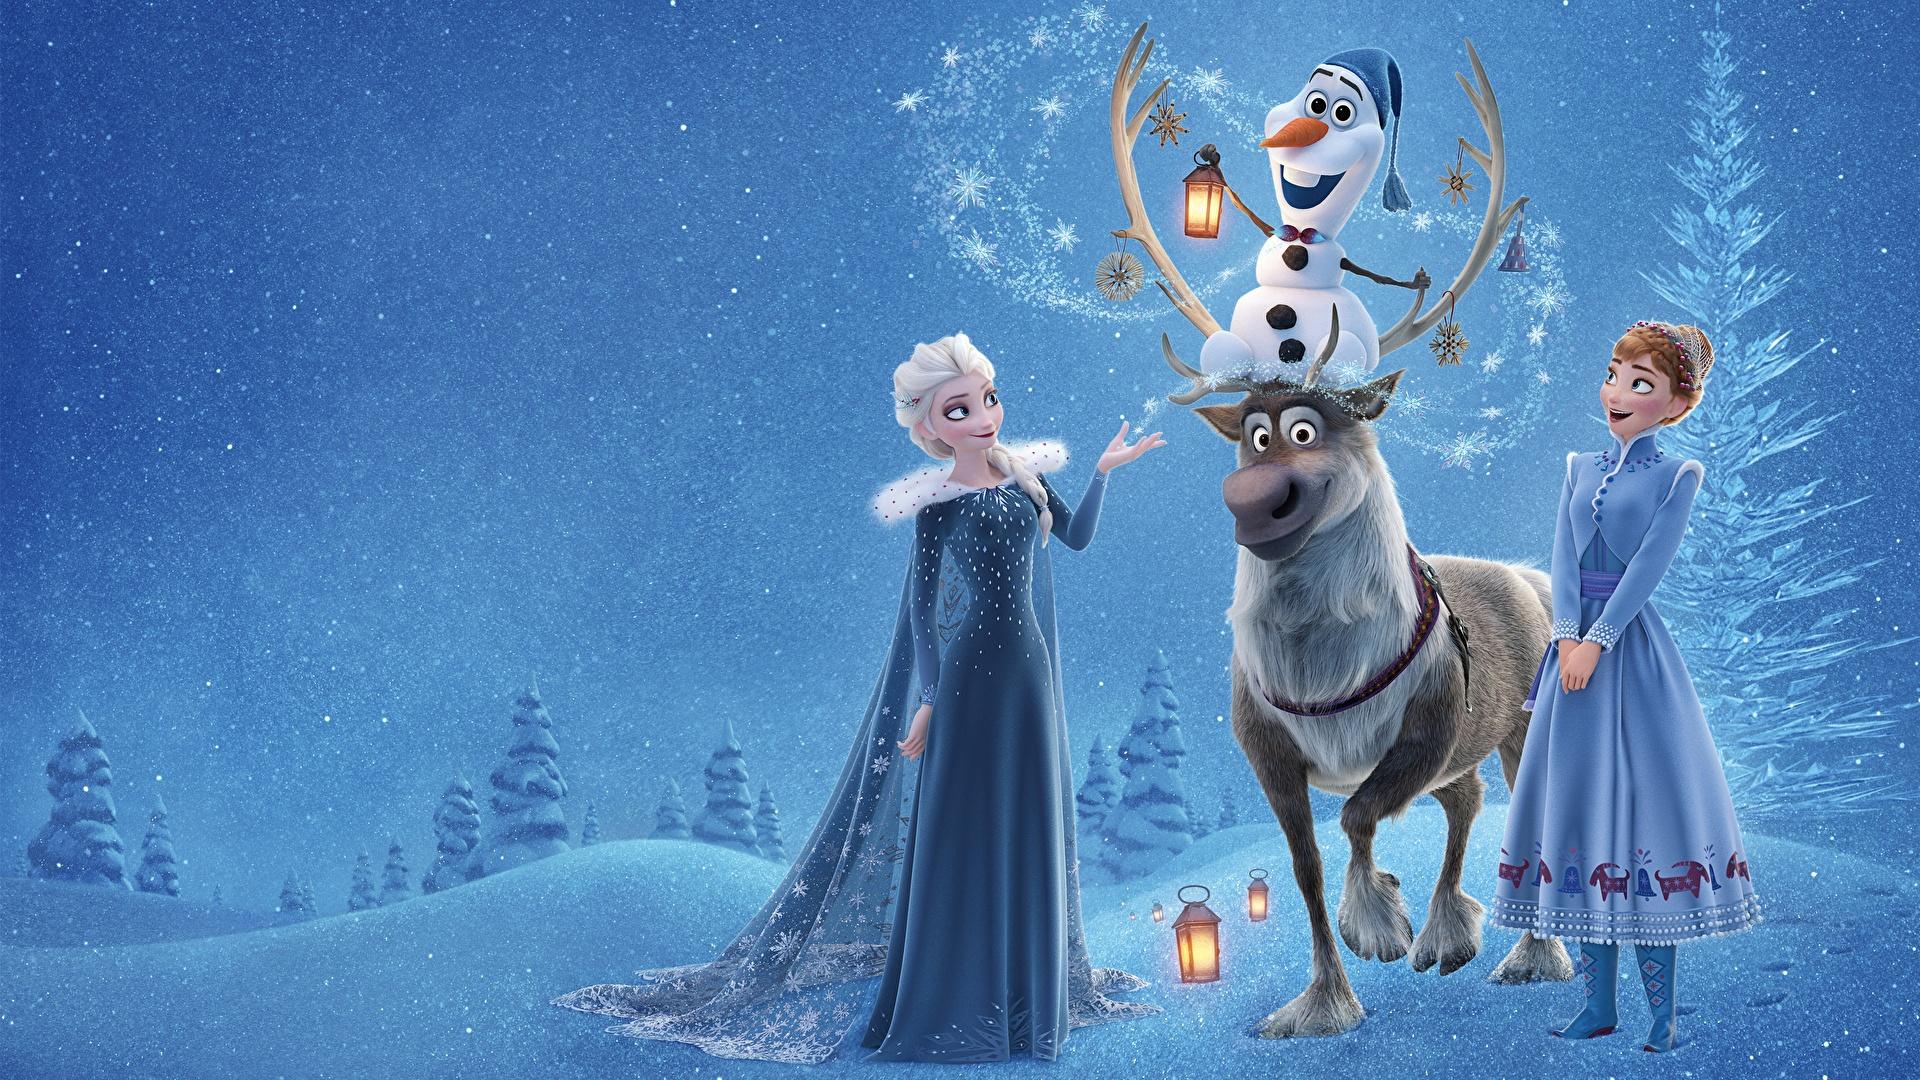 壁紙 19x1080 アナと雪の女王 シカ Elsa Olaf Anna 漫画 少女 ダウンロード 写真